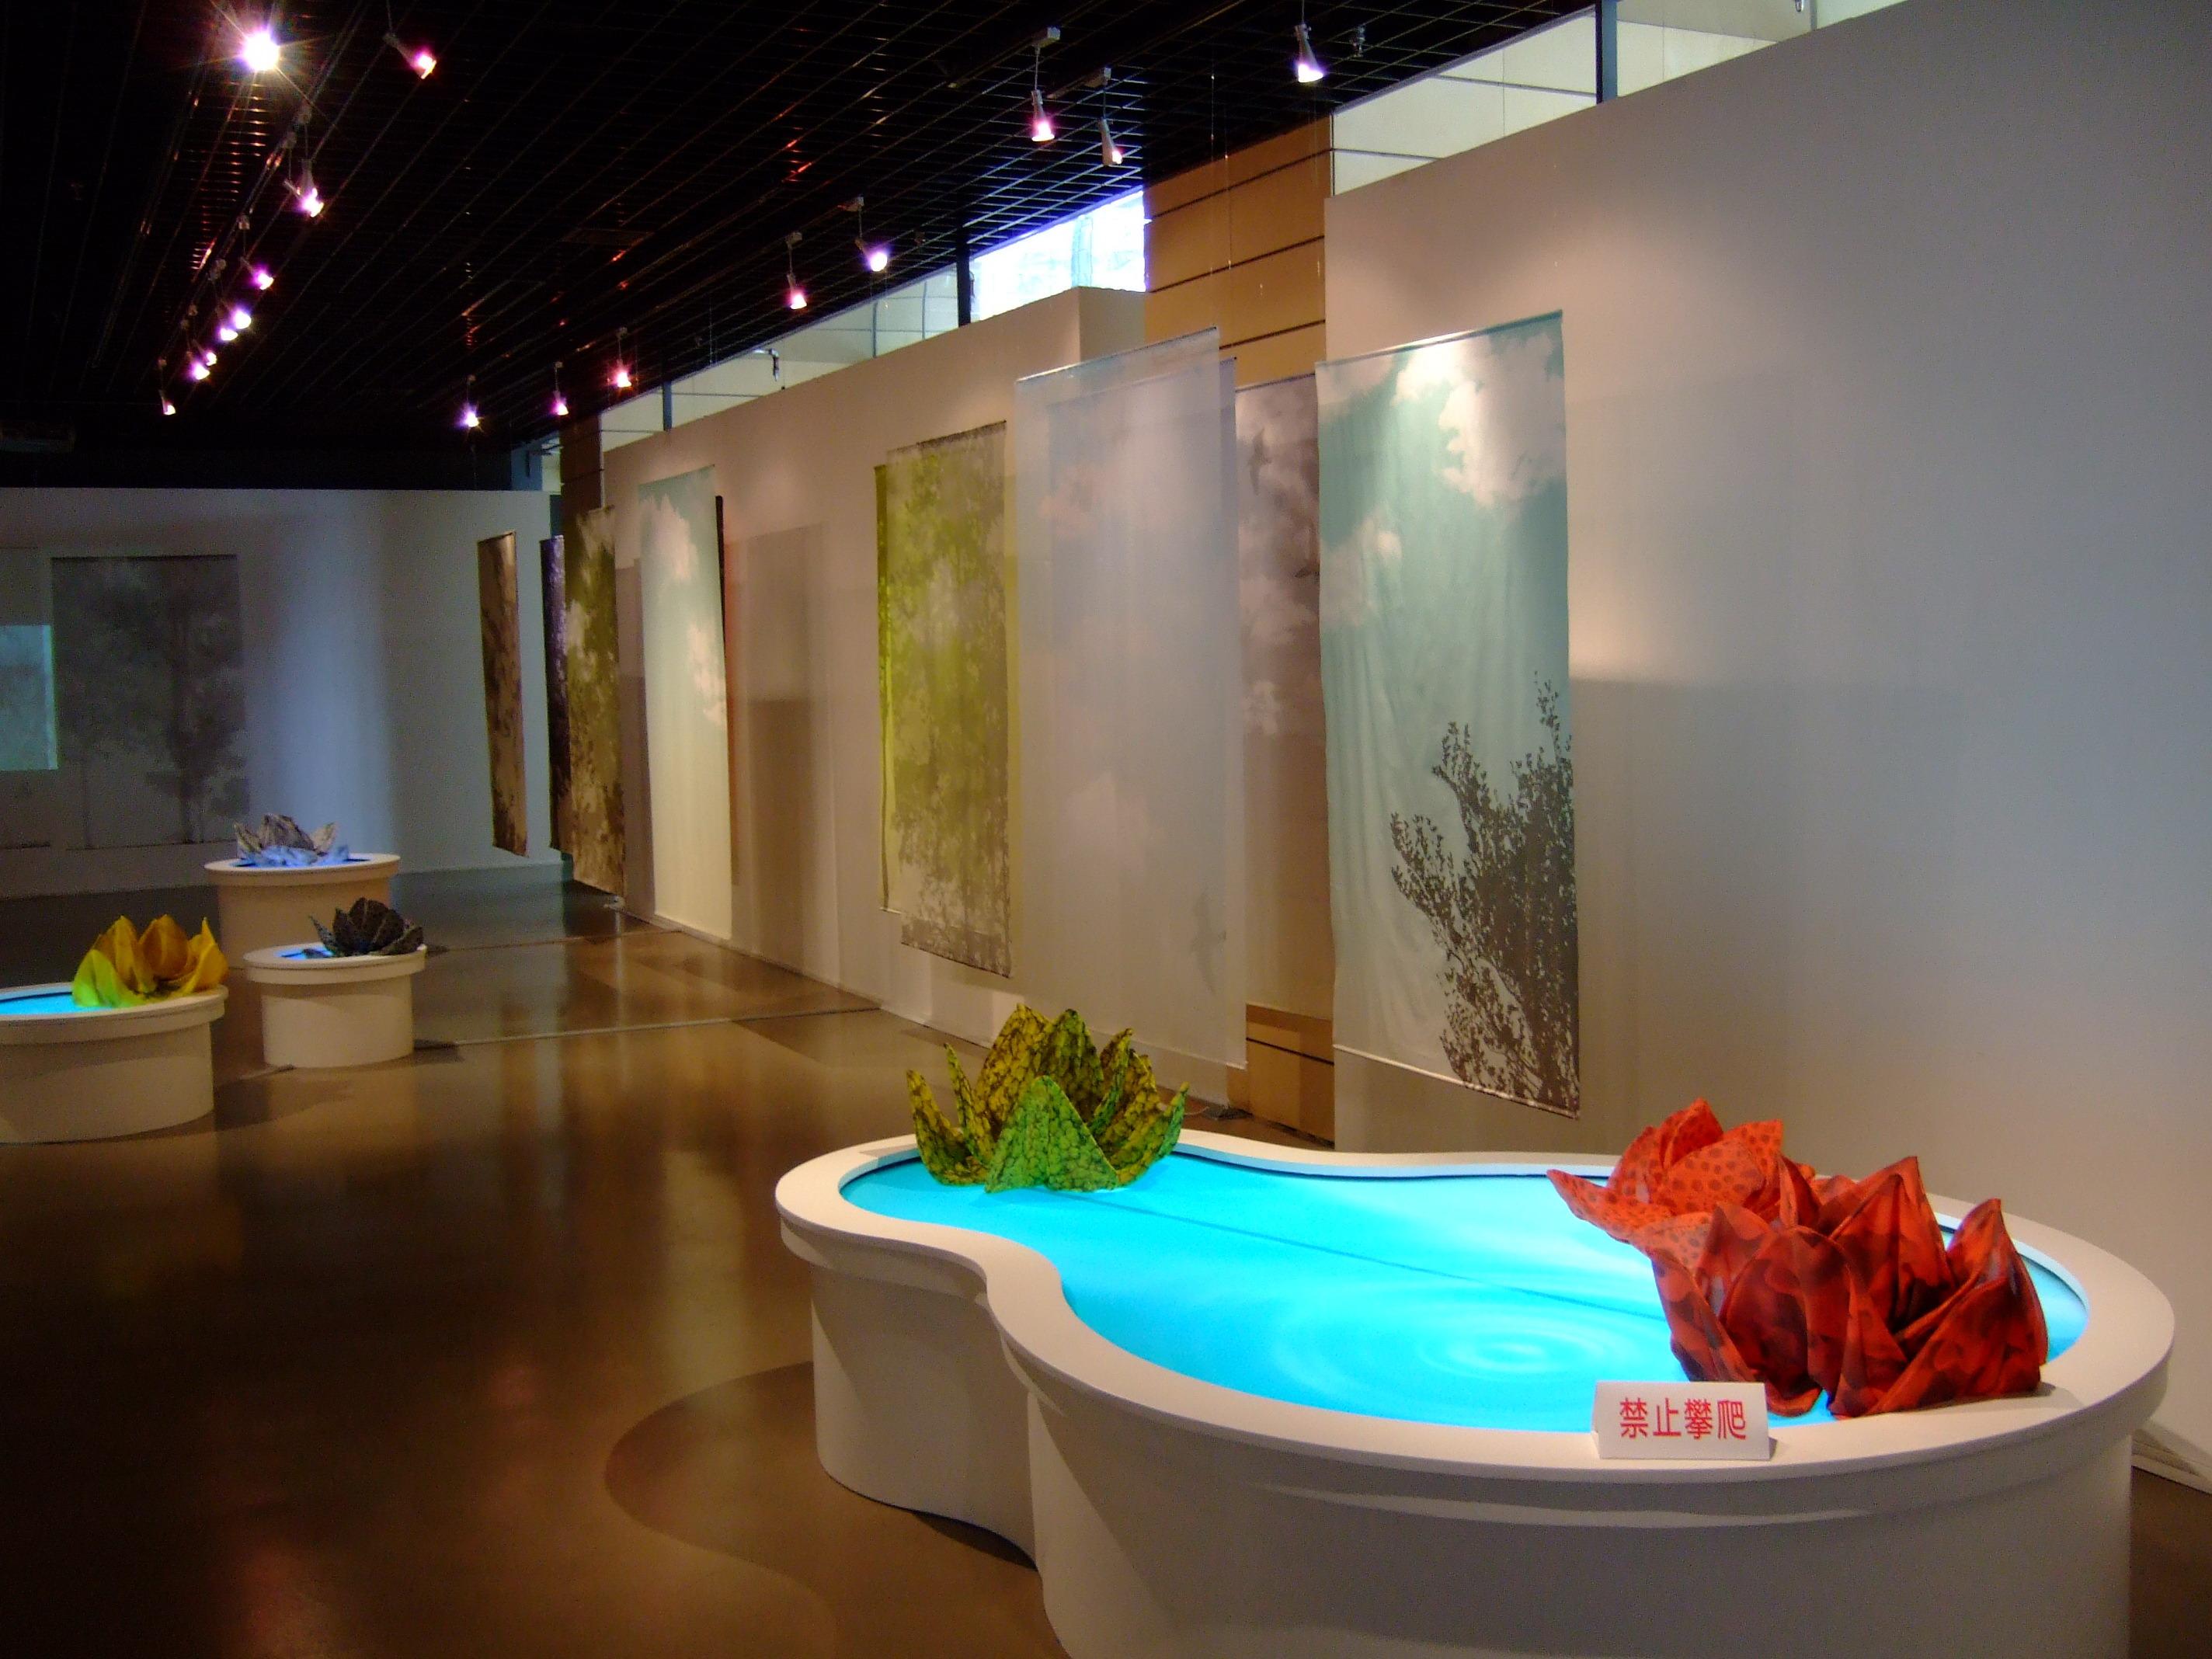 爱普生影艺坊北京举办空间视觉艺术展